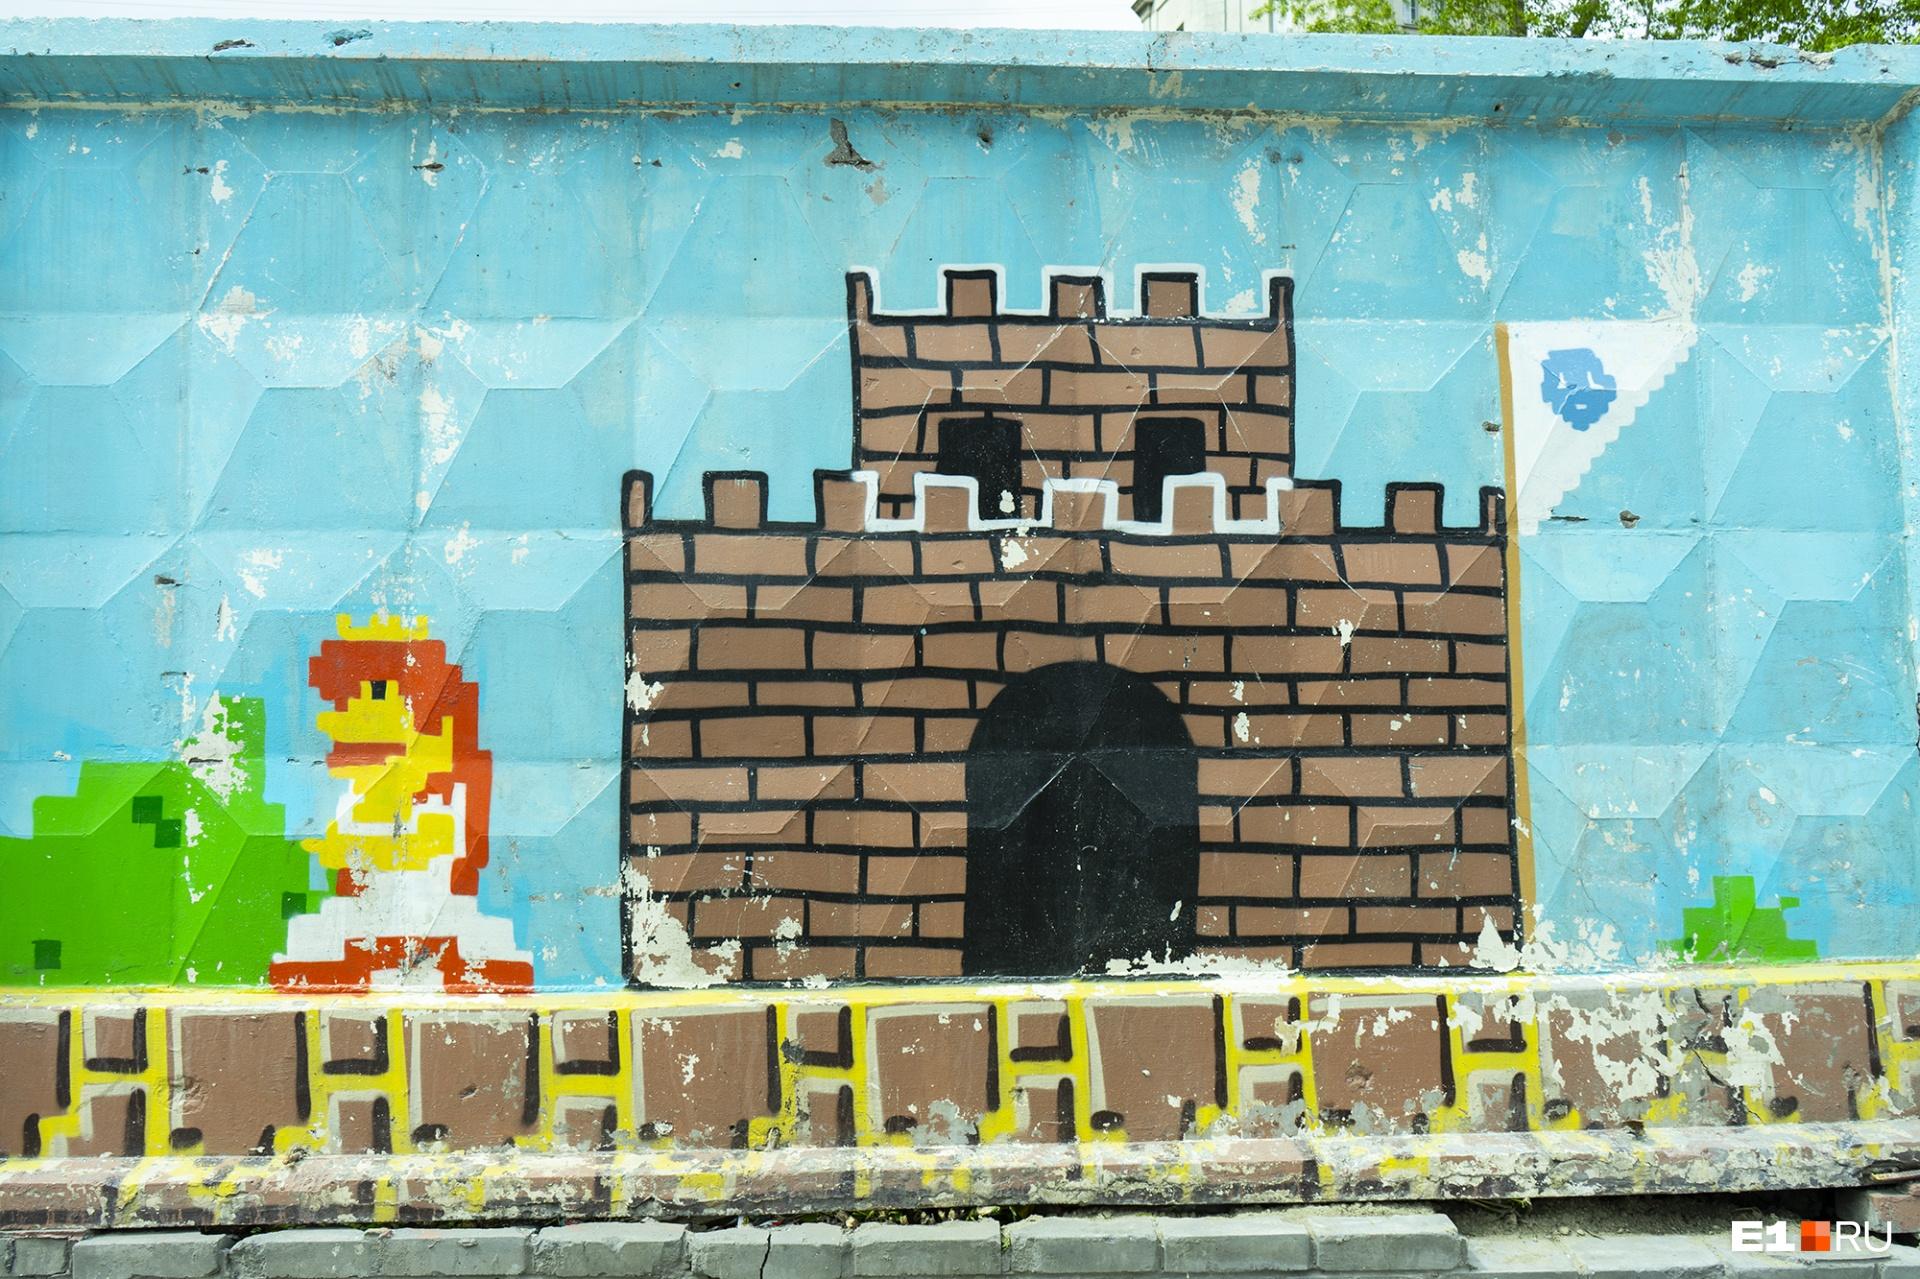 Скучную стенку разрисовывали всем городом: художникам помогали волонтеры и прохожие. По кирпичику, по пикселю Супер Марио появлялся на стене